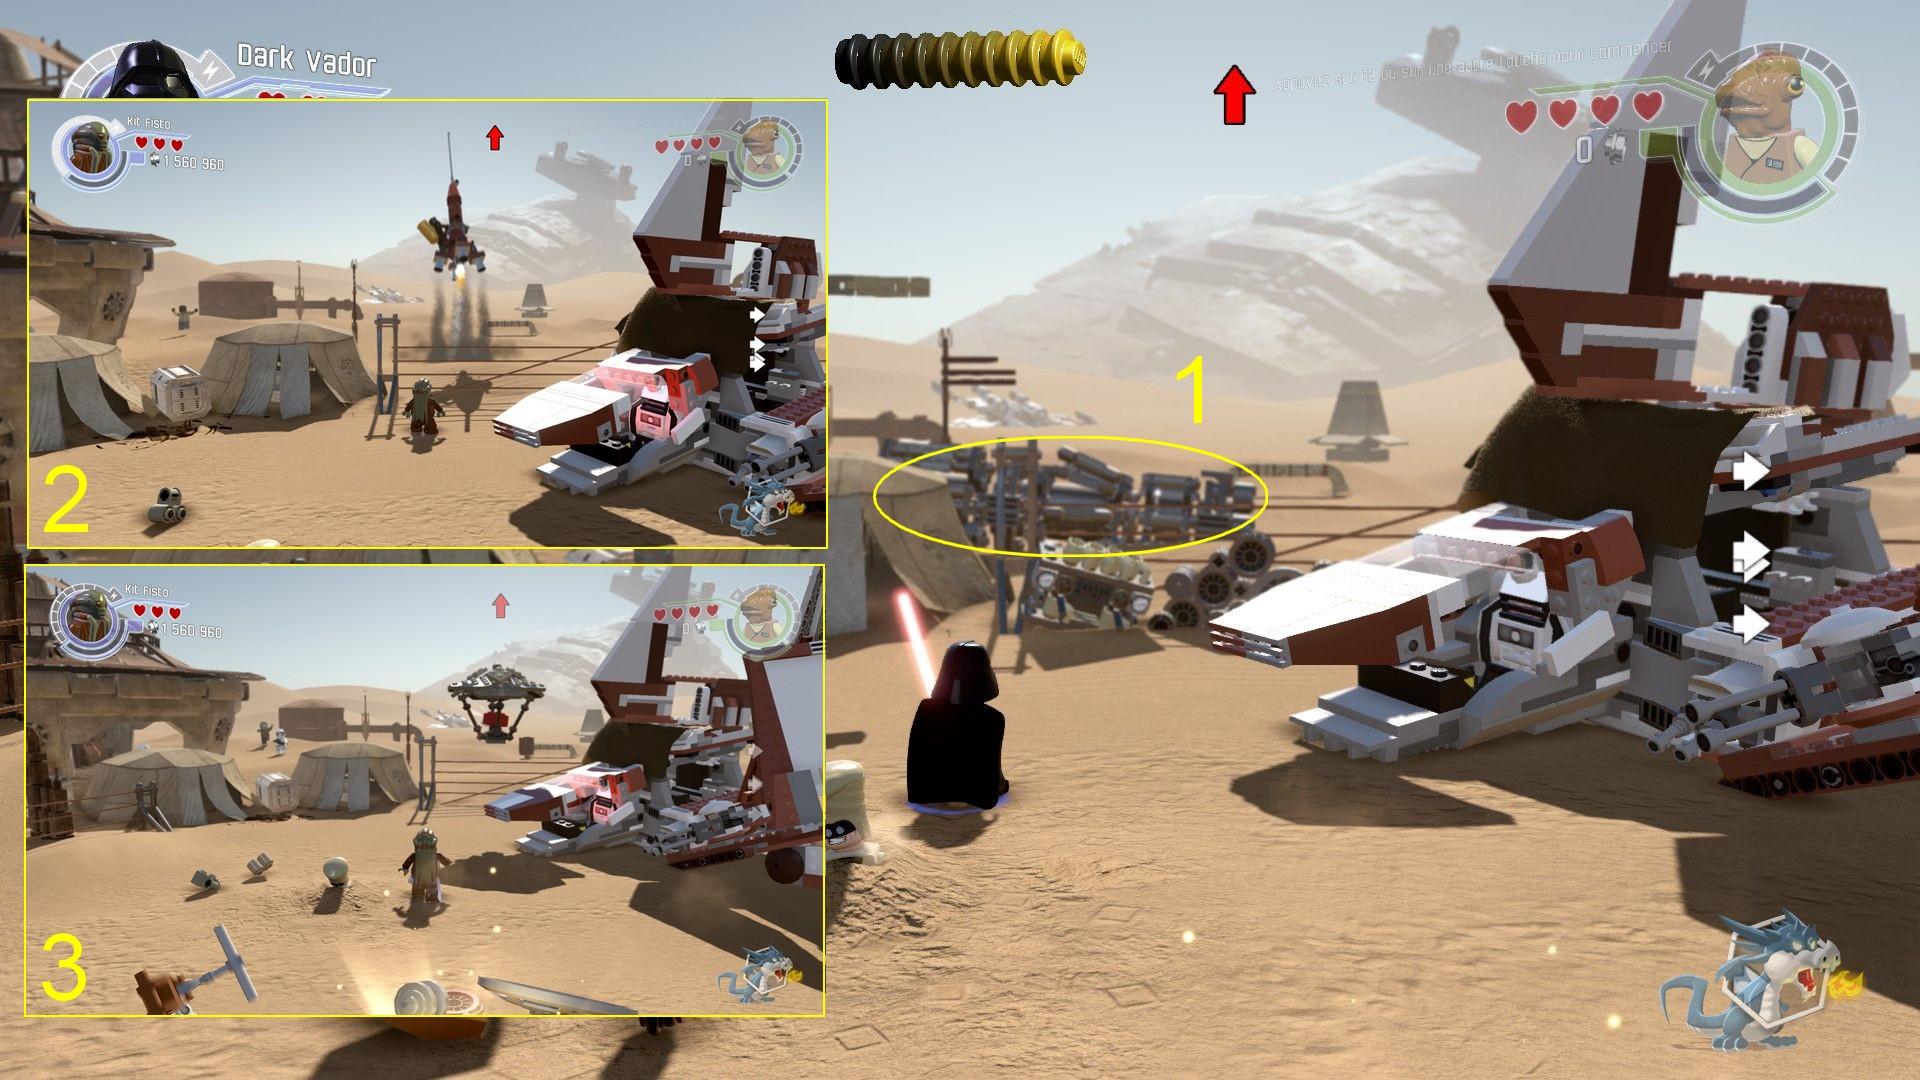 Lego star Wars - Le Réveil de la Force - Avant-poste de Niima - Brique rouge